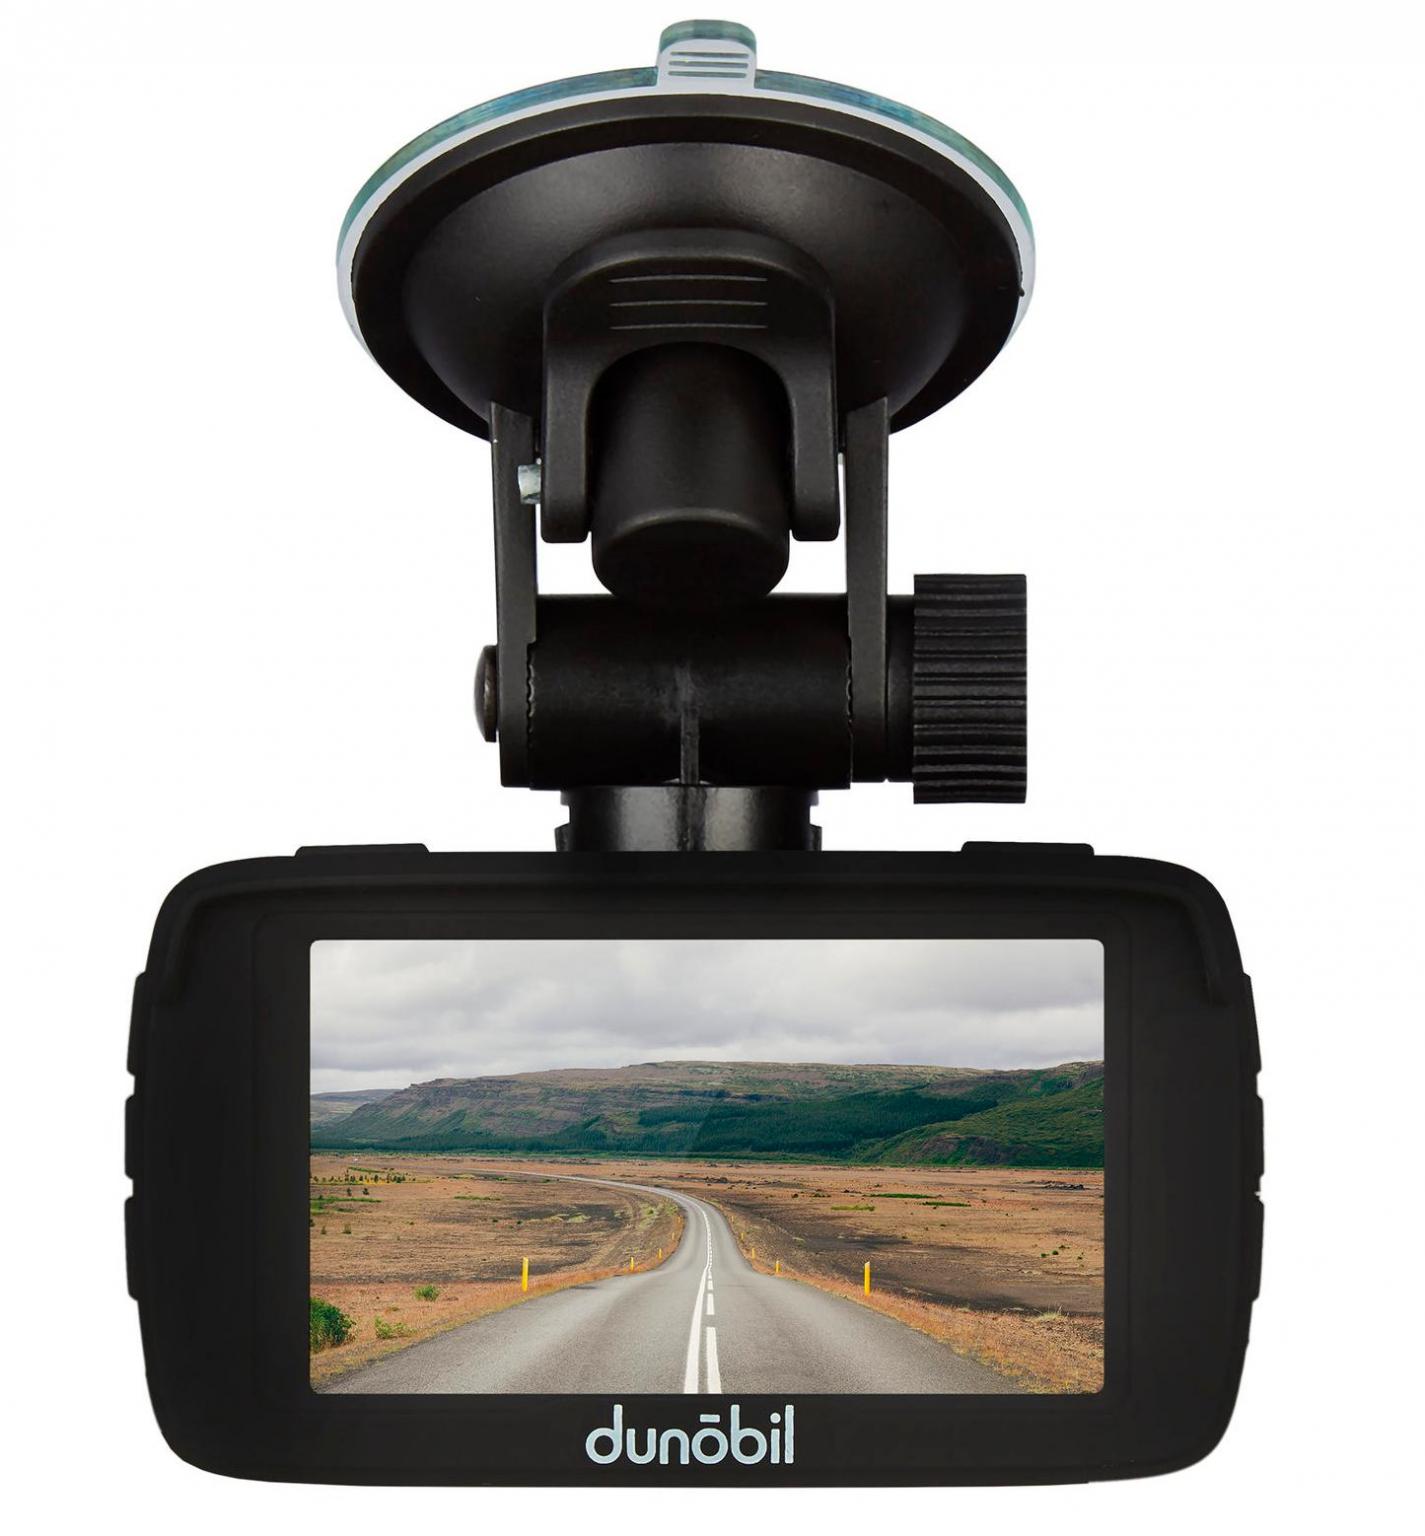 Гибридный видеорегистратор Dunobil Active signature (+ Разветвитель в подарок!)